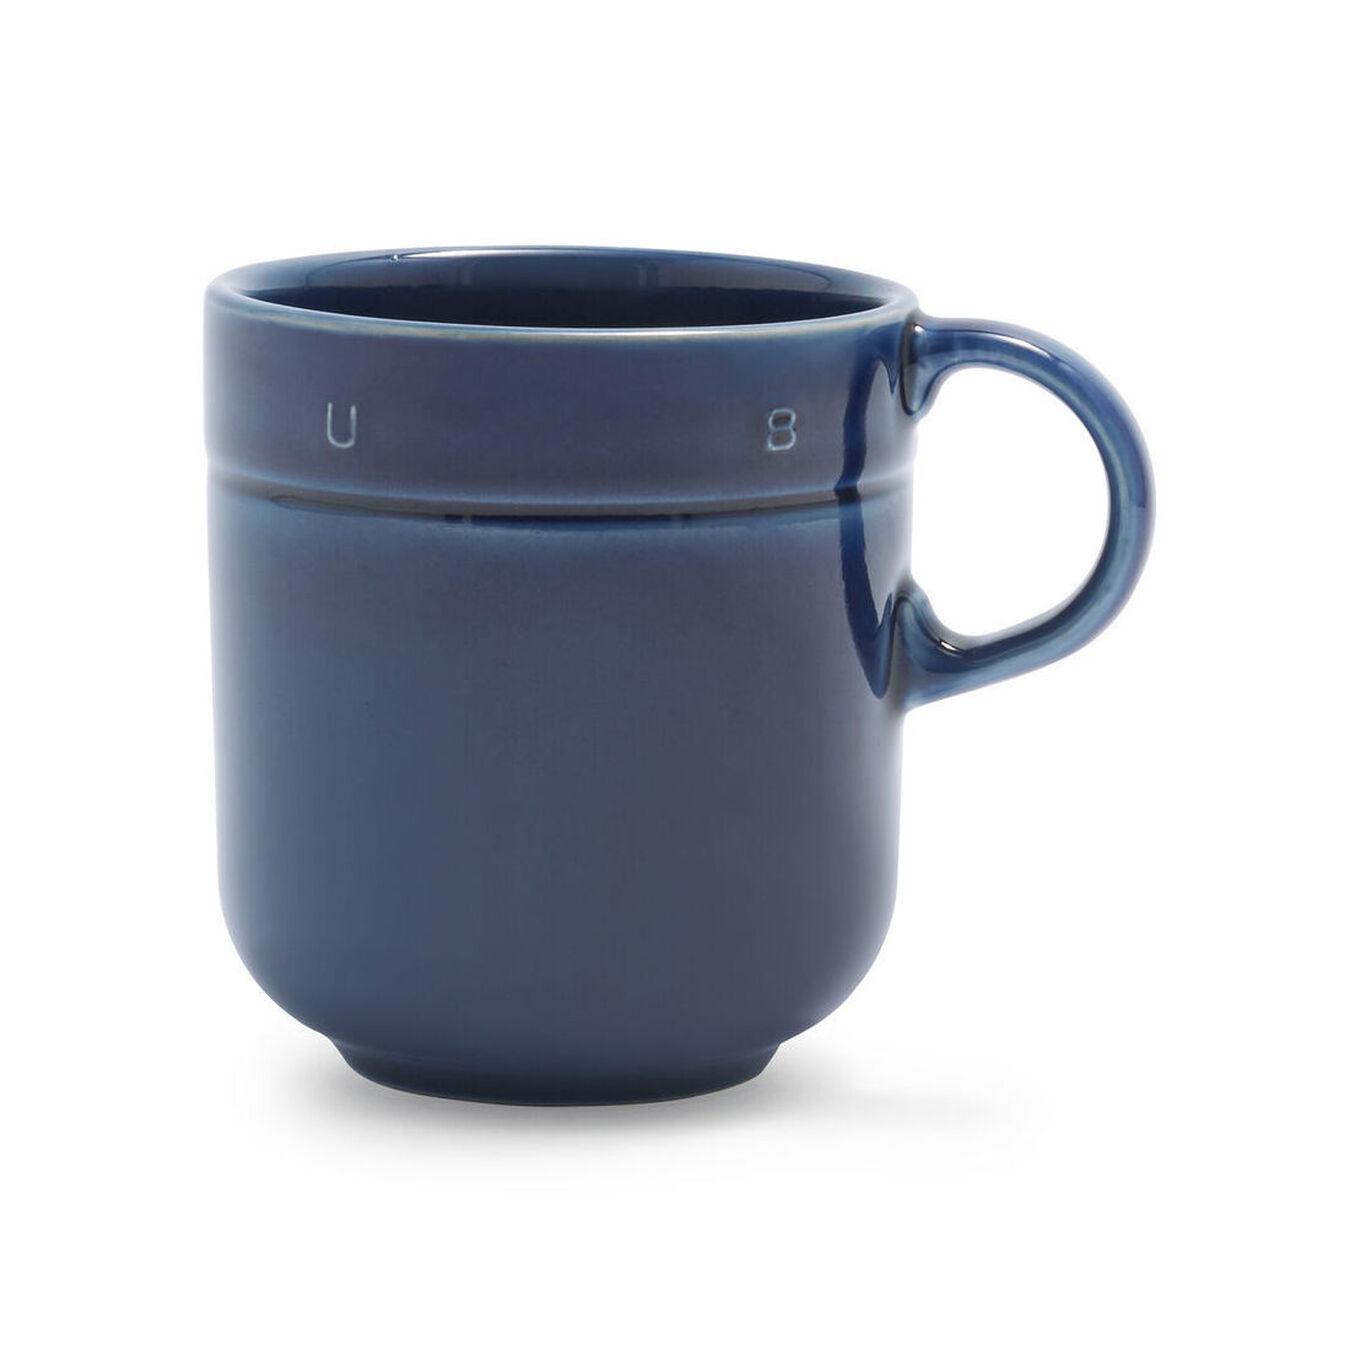 470 ml, Ceramic, Mug 16oz - Dark Blue, Dark Blue,,large 1